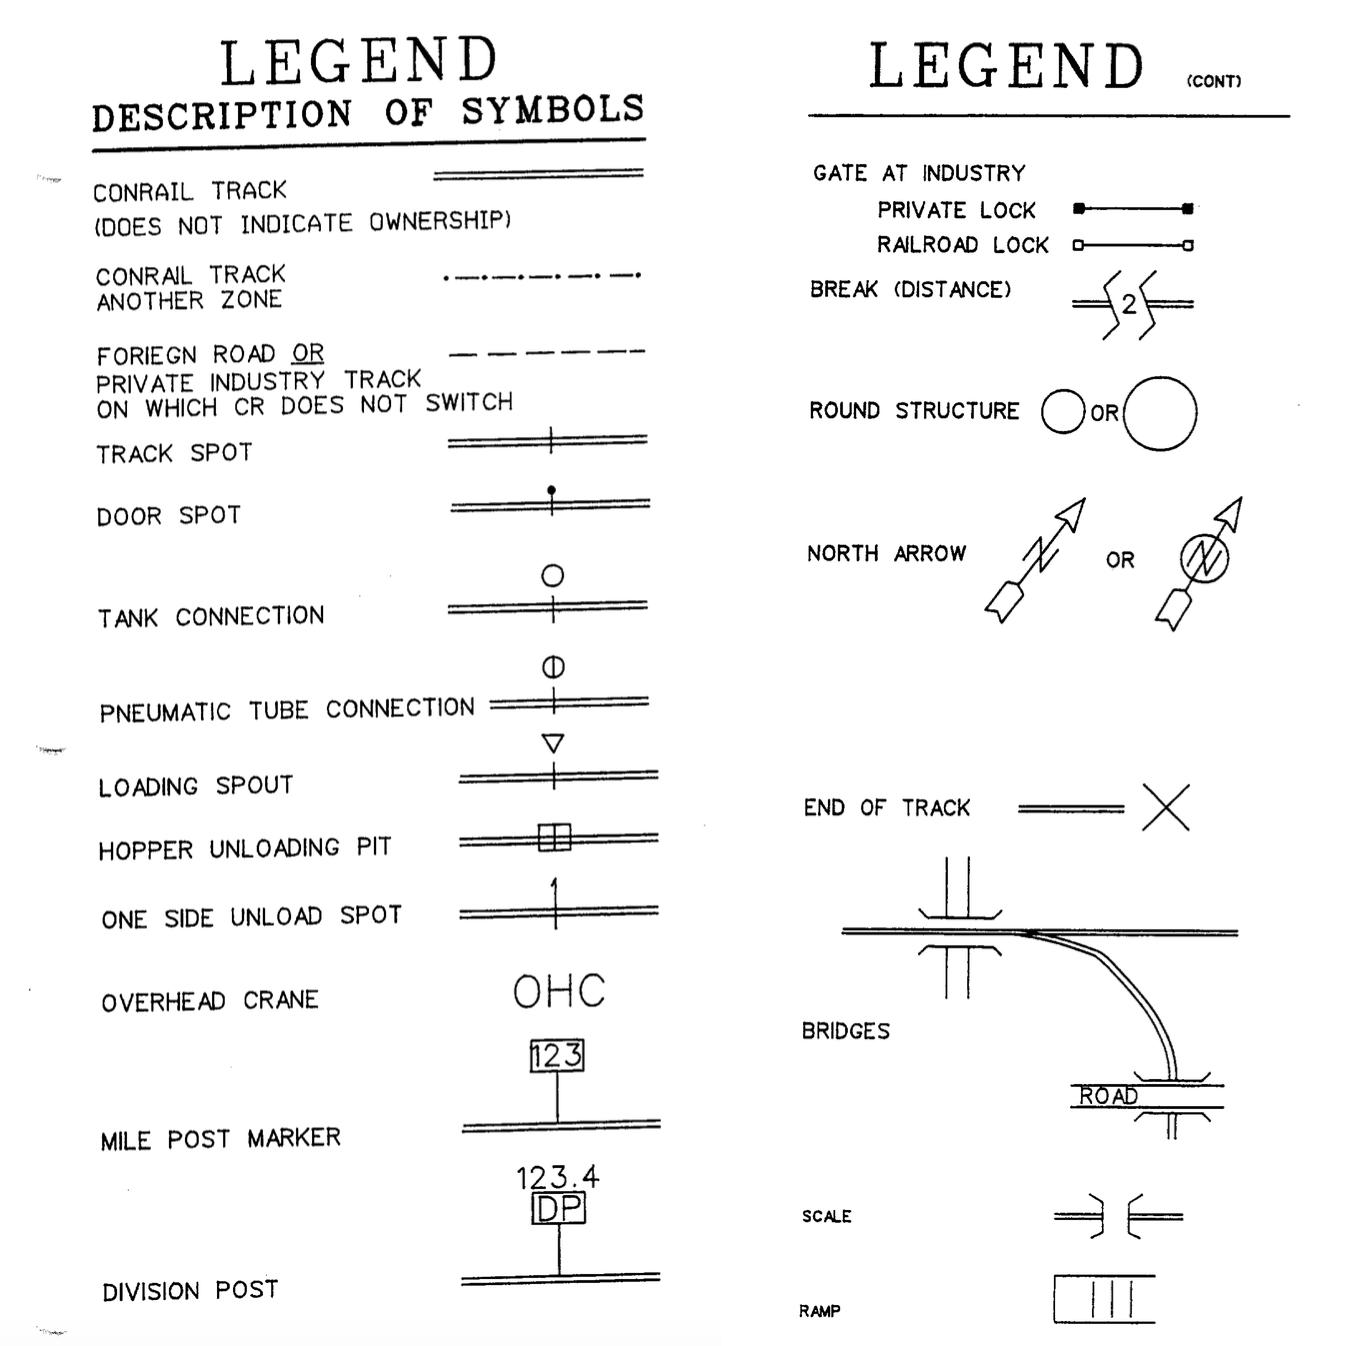 ZTS Explanation Legend